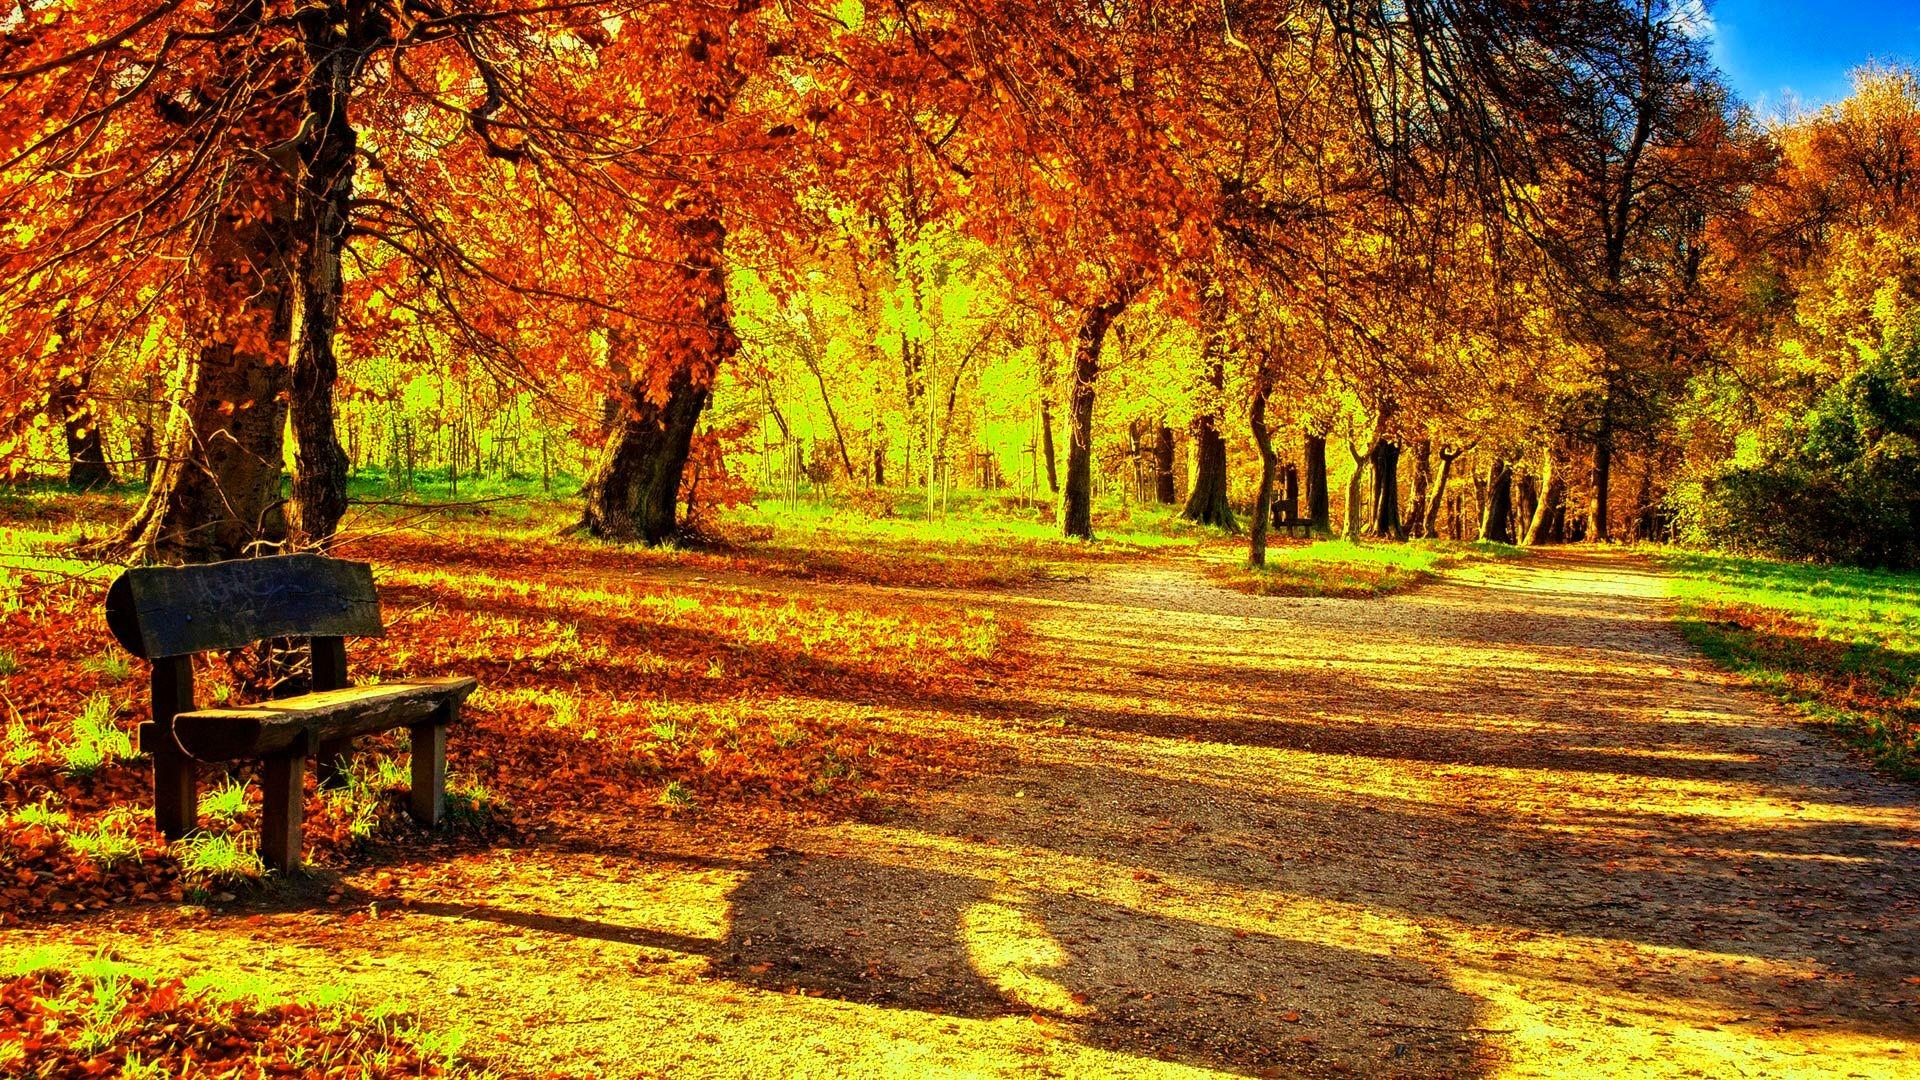 Image for Autumn Leaves Wallpaper Desktop